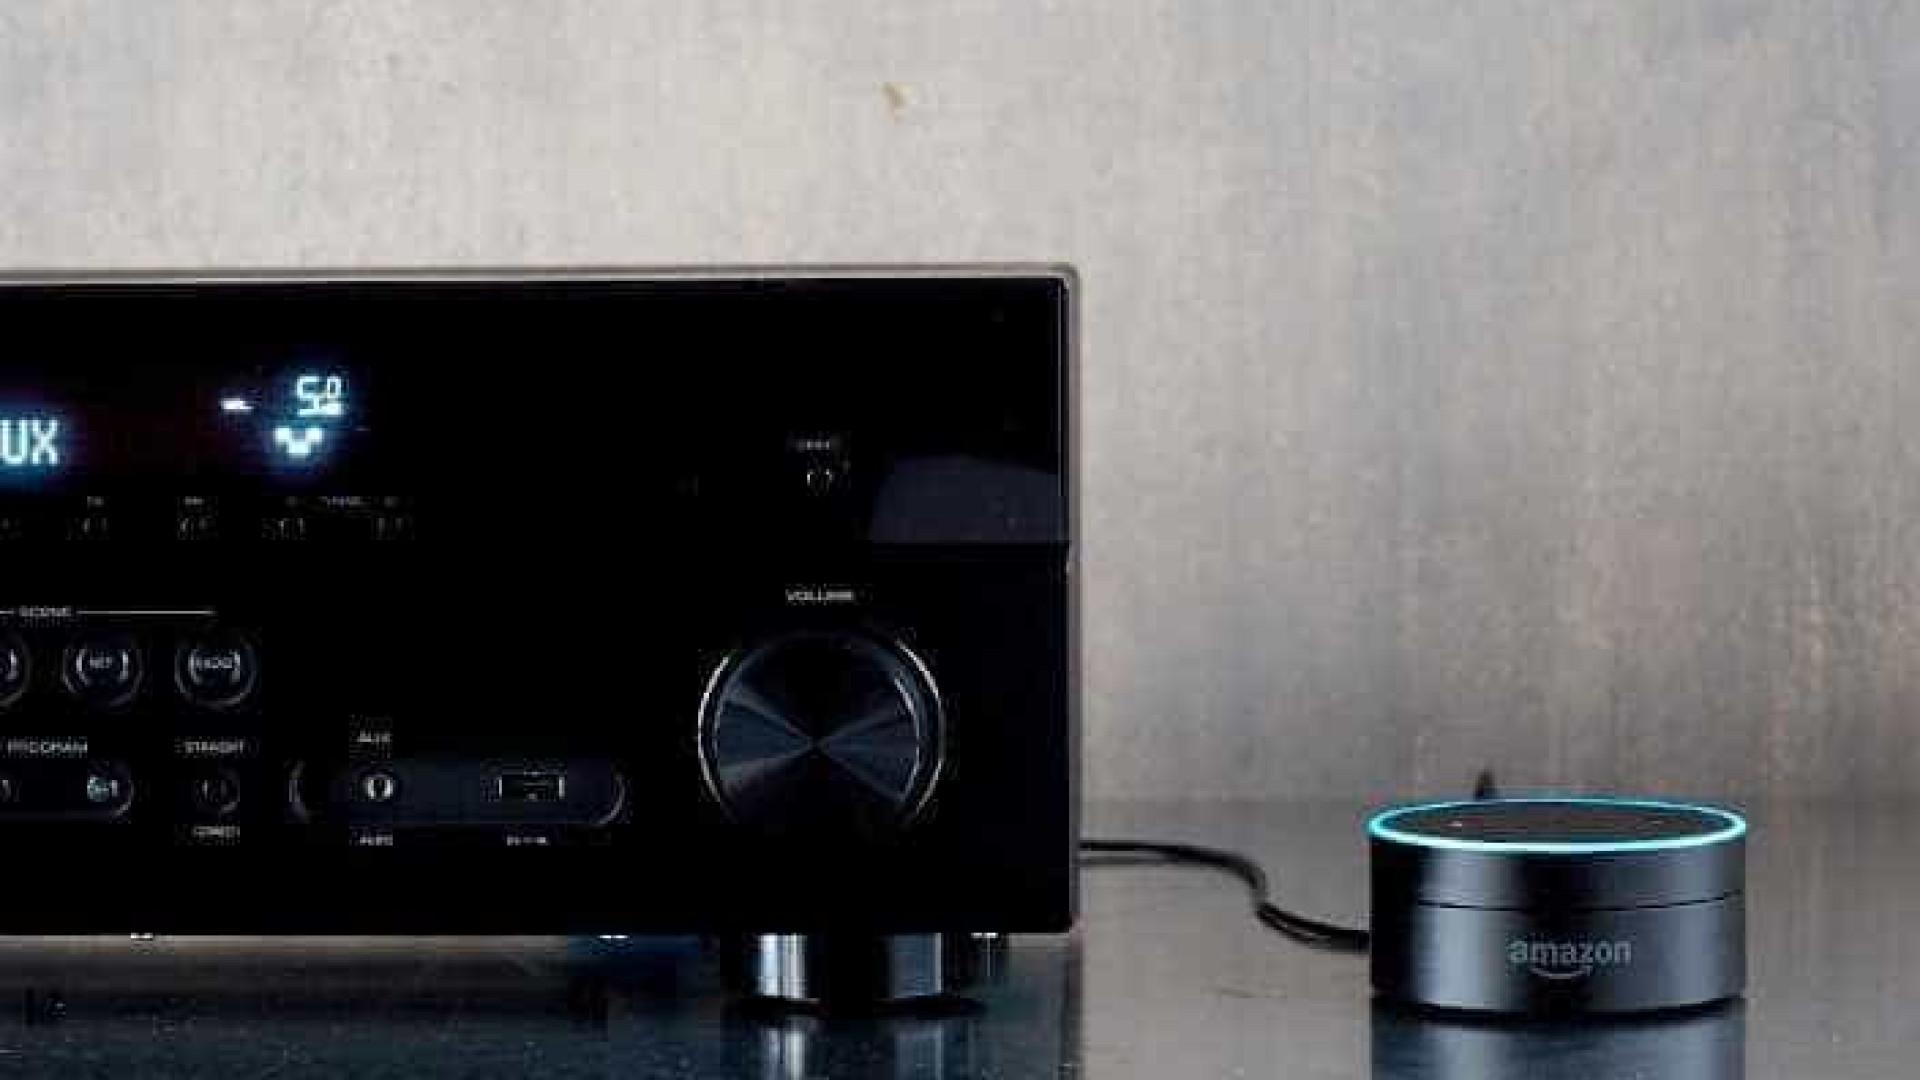 Assistente digital da Amazon será capaz de dar opinião sobre filmes